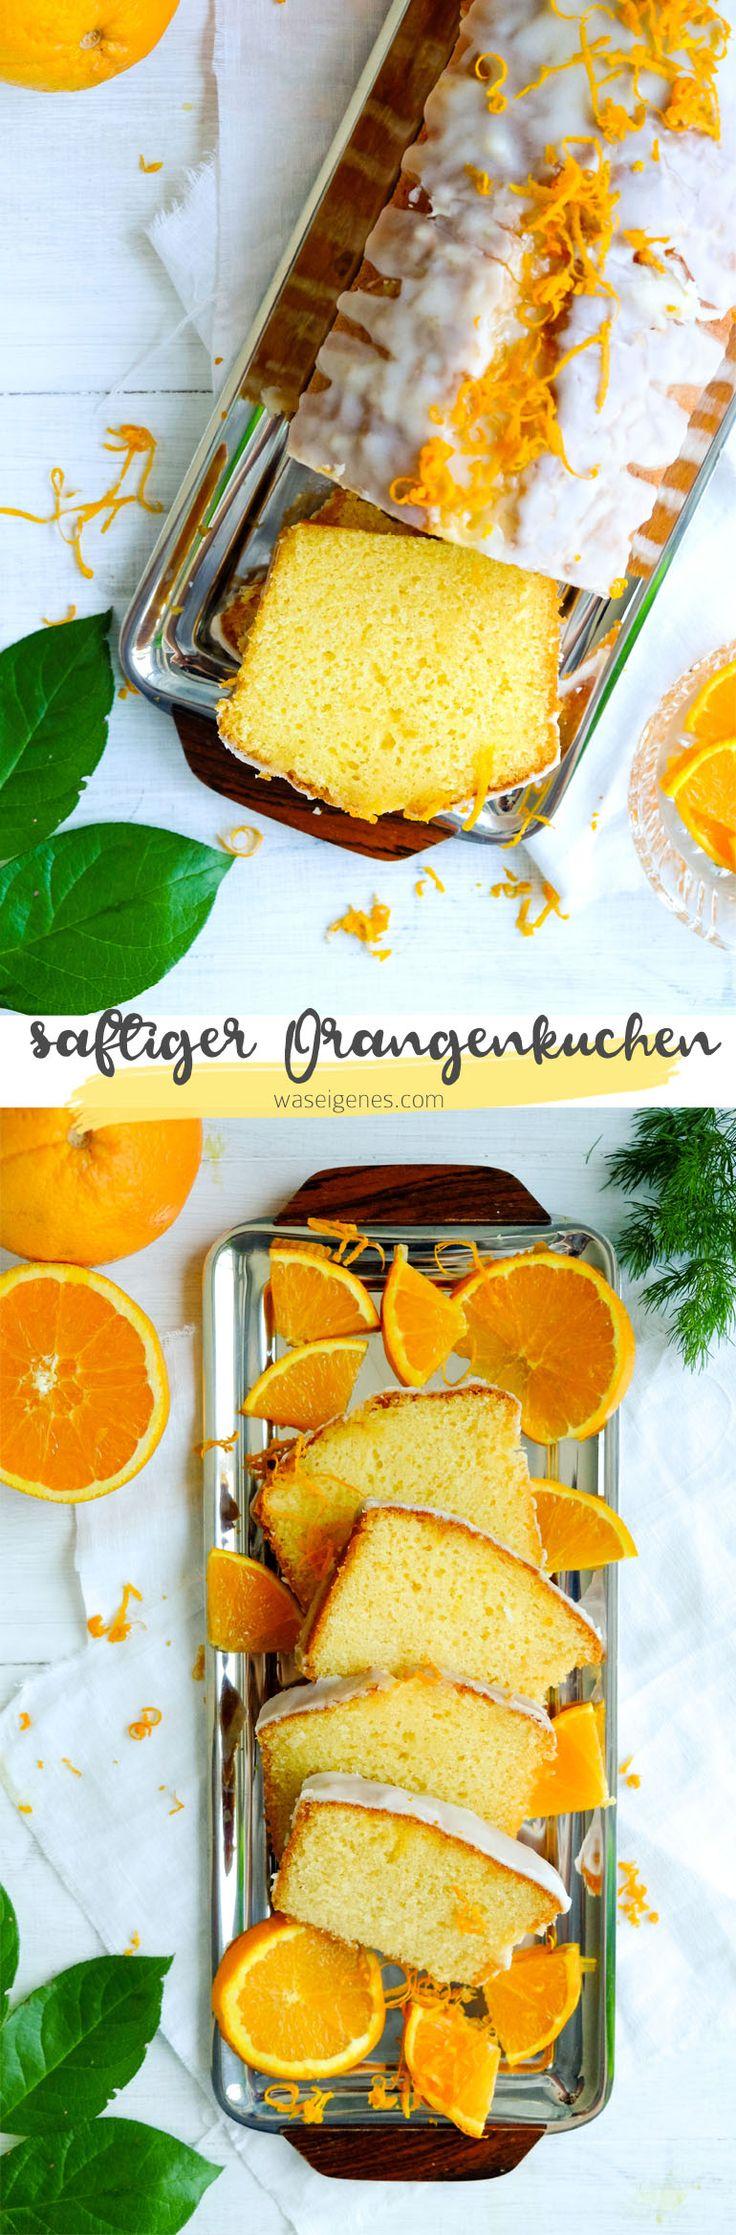 Saftiger & fluffiger Orangenkuchen